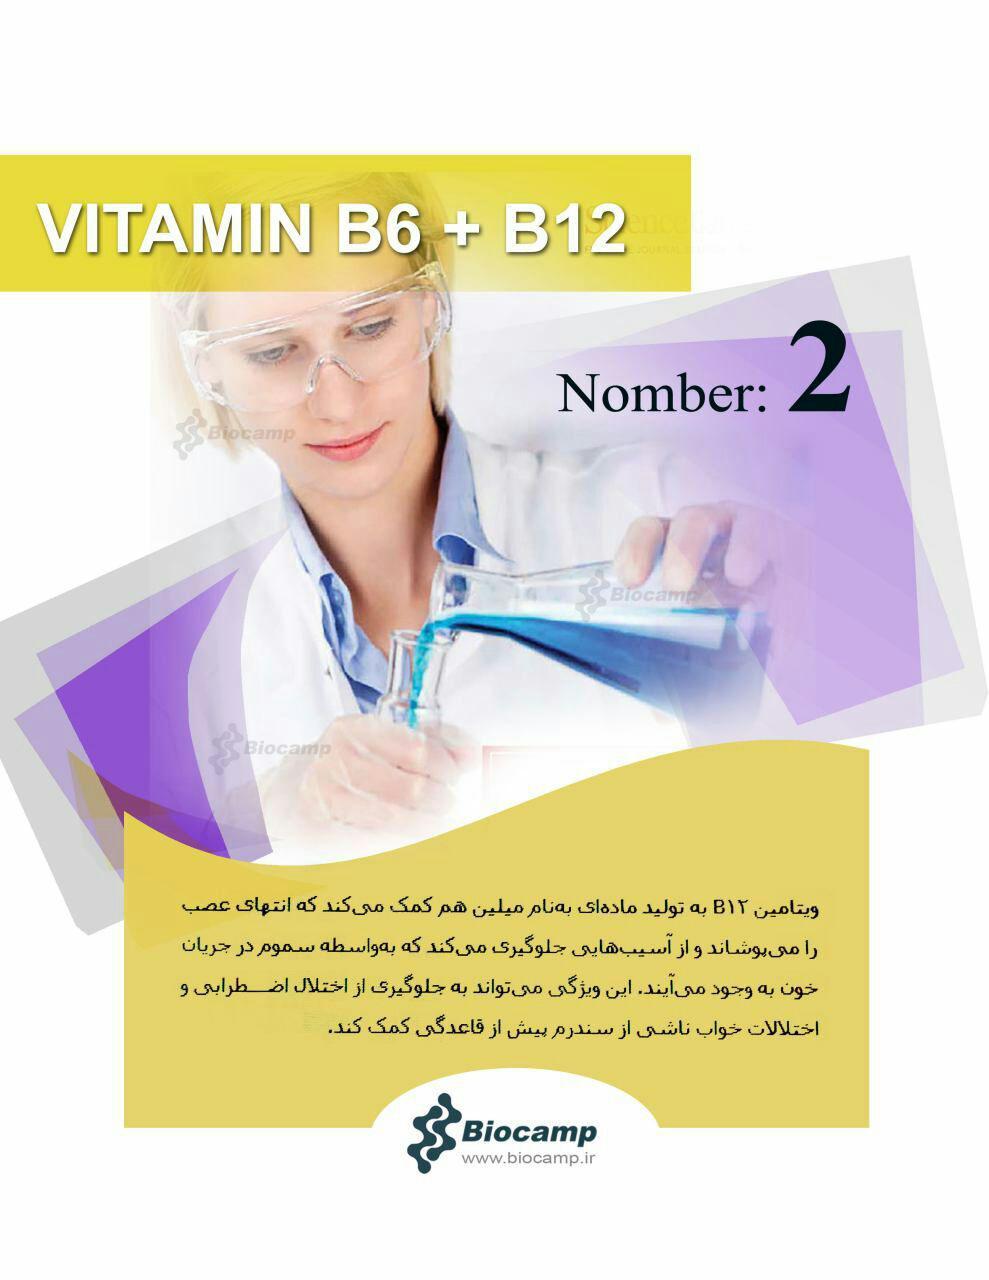 نقش ویتامین ها بر بدن نقش ویتامین های B6 و B12 بر بدن نقش ویتامین های B6 و B12 بر بدن photo 2016 10 03 23 08 28